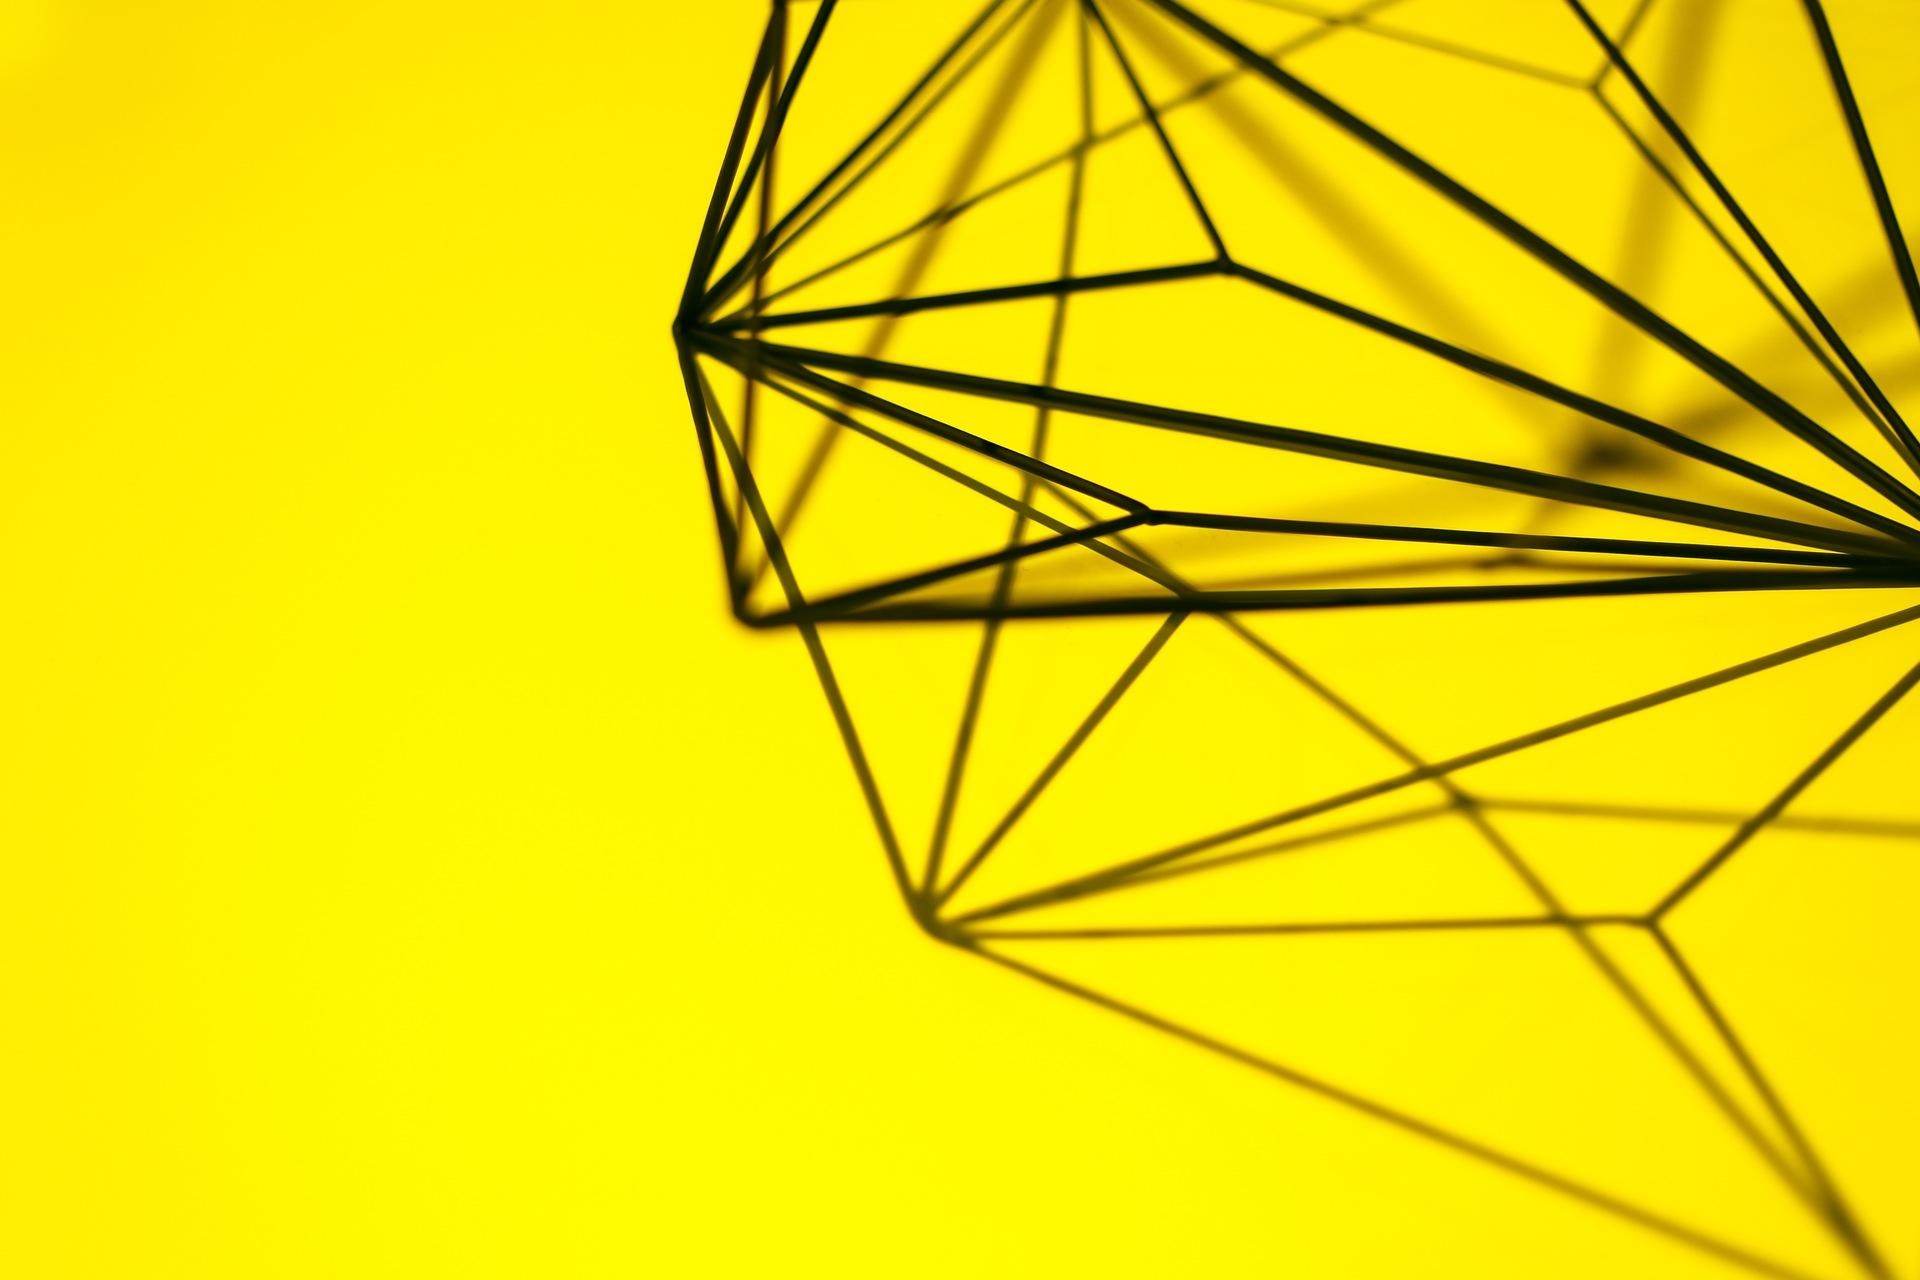 geometria, projeto, criatividade, arte, Amarelo - Papéis de parede HD - Professor-falken.com